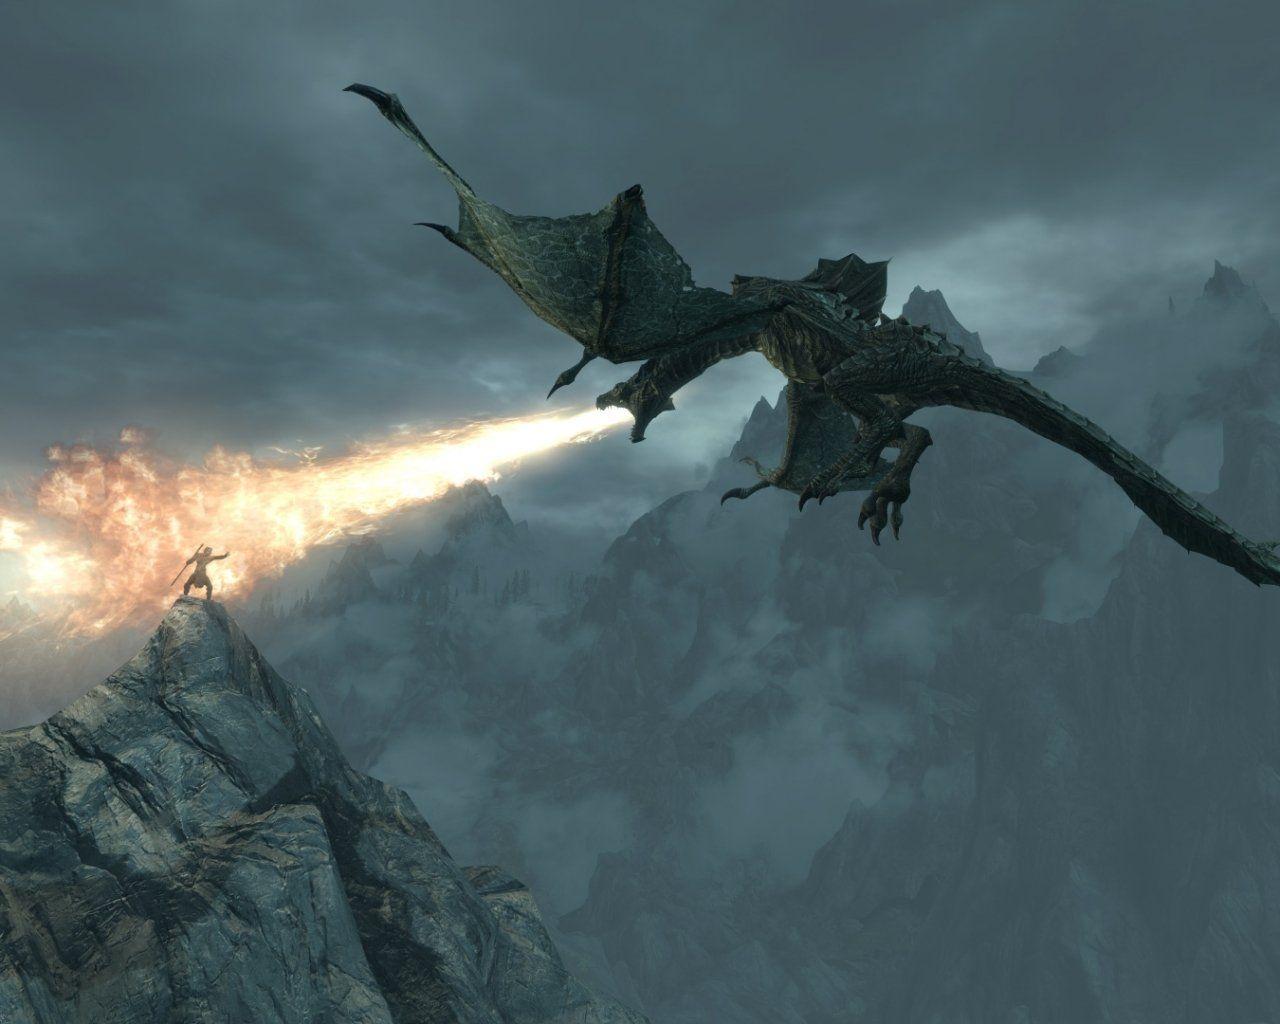 Dragon Escupiendo Fuego Dragones Fotos De Dragones Gabinetes De Curiosidades